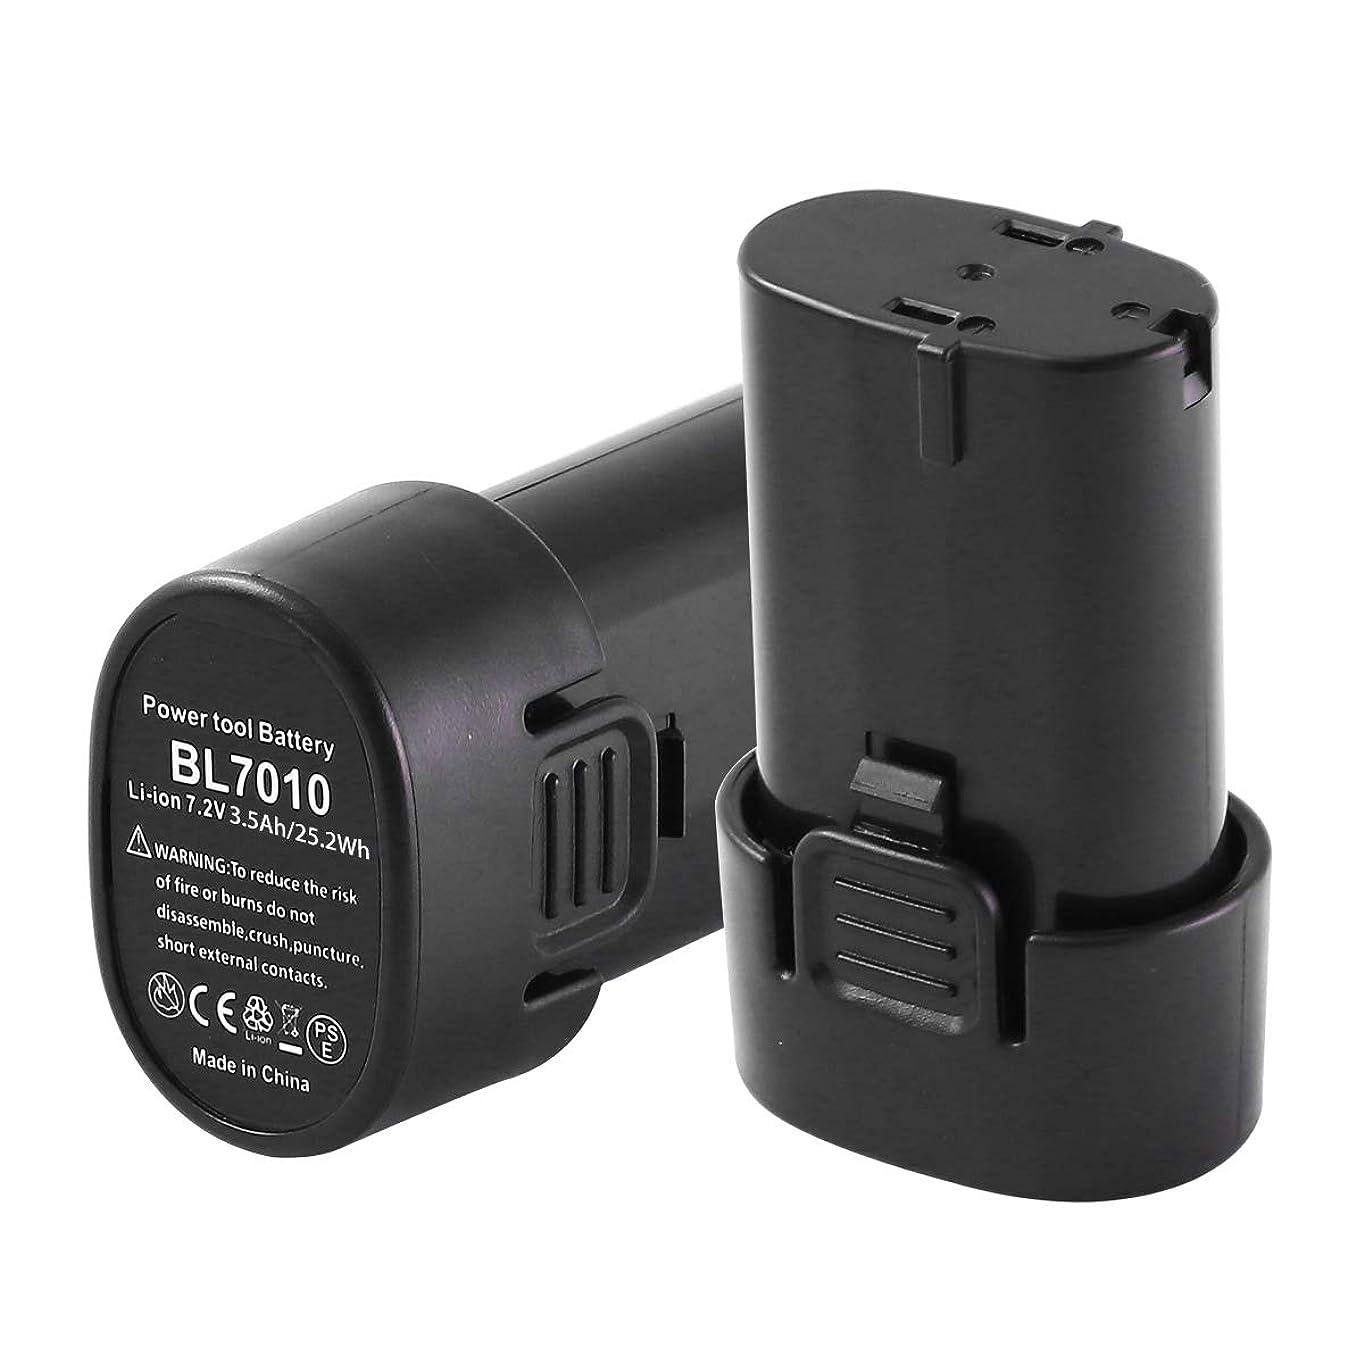 市町村気質相談マキタ7.2vバッテリー BL7010 7.2vバッテリ3.5Ah マキタ互換バッテリー 7.2vマキタバッテリー高容量リチウムイオン【2個セット】A-47494 194356-2 対応互換 マキタ7.2v電動工具バッテリー 一年保証 FunMall